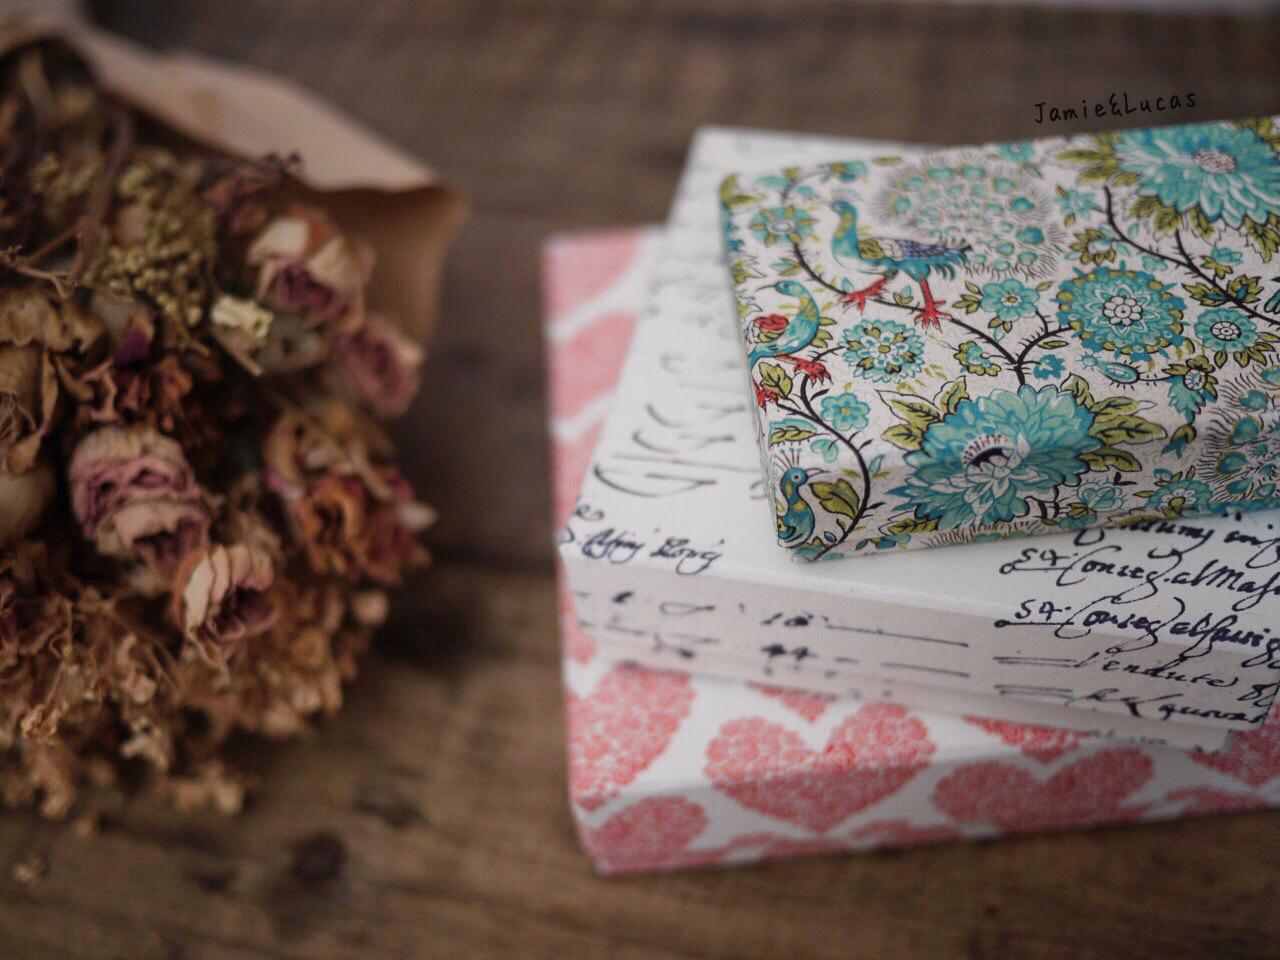 札幌 箱作りワークショップ|Jamie&Lucas